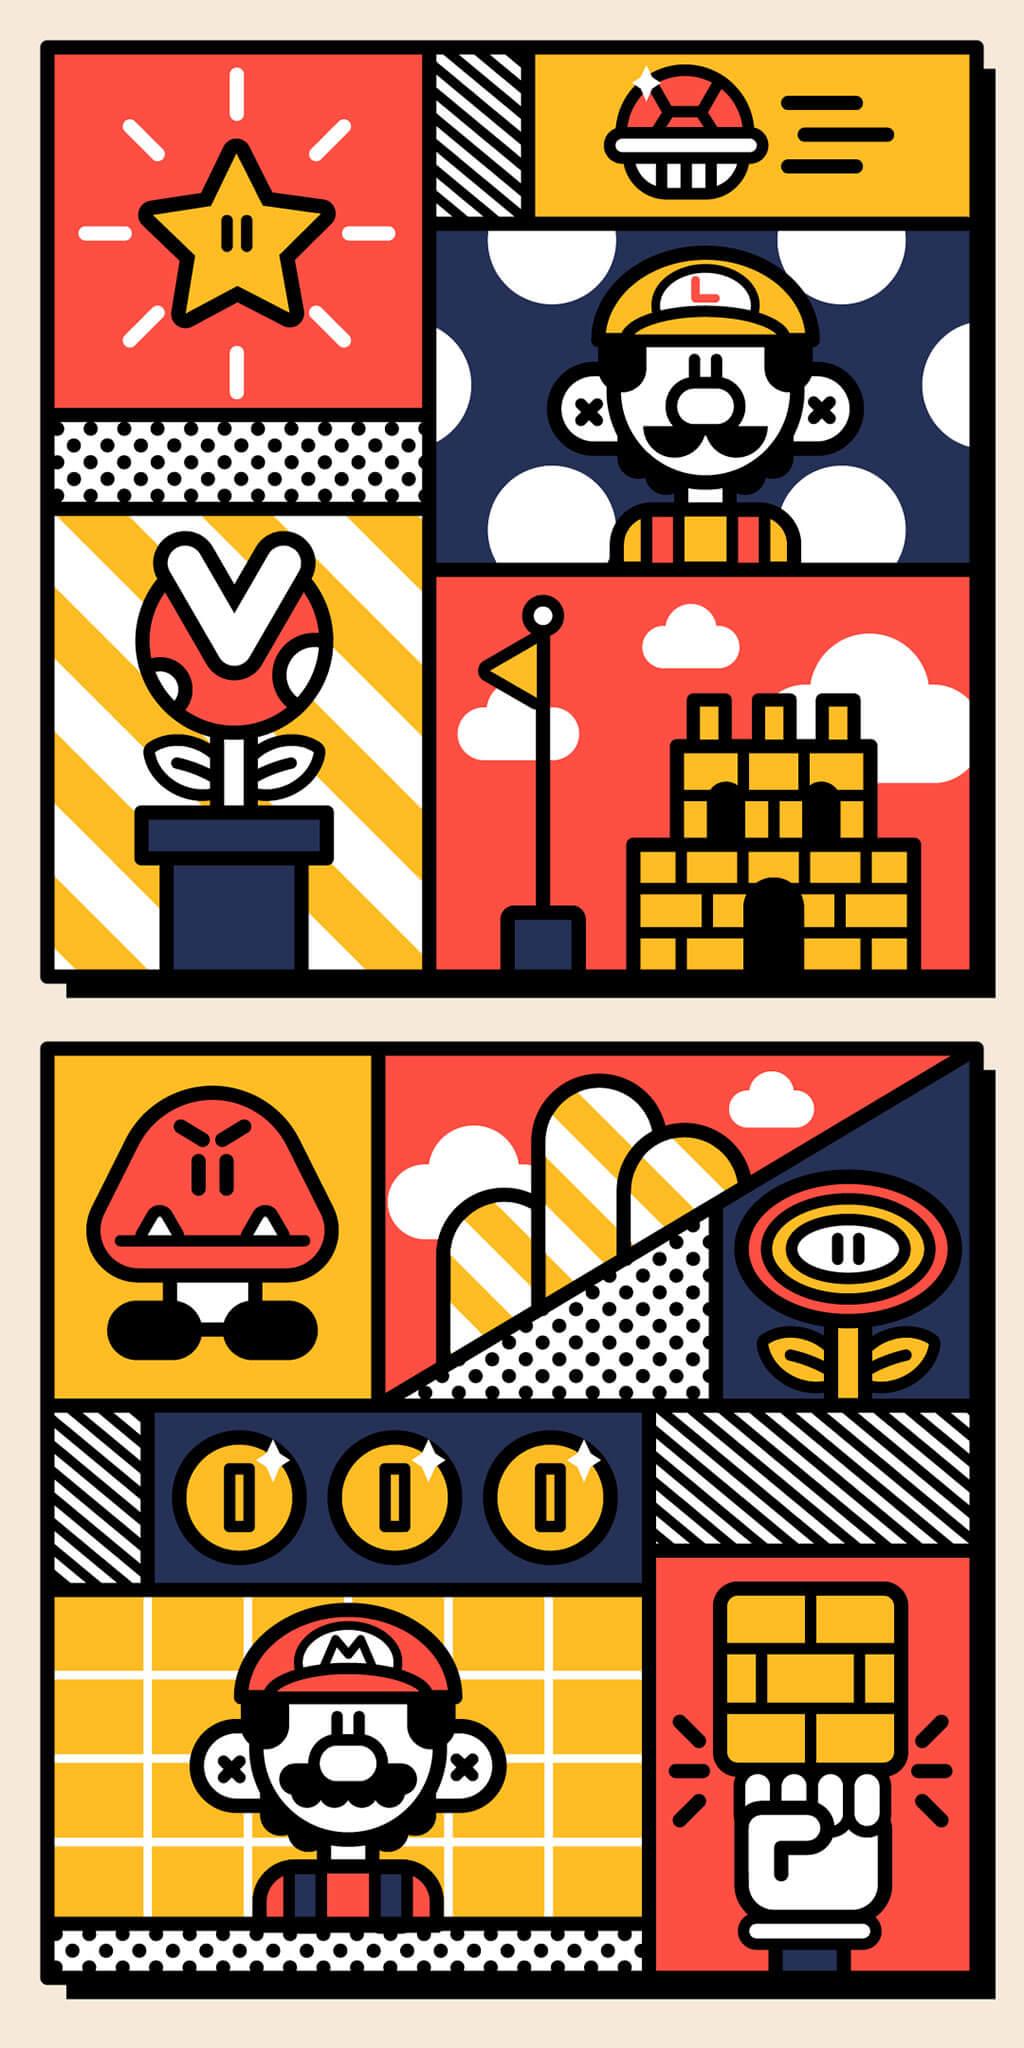 Mario Fan Art by ANDREW RICHARDS